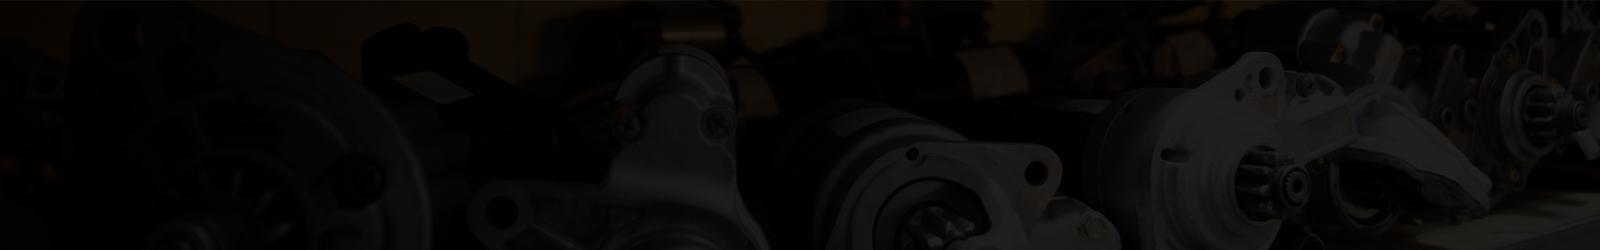 Al Basata Spare Parts LLC